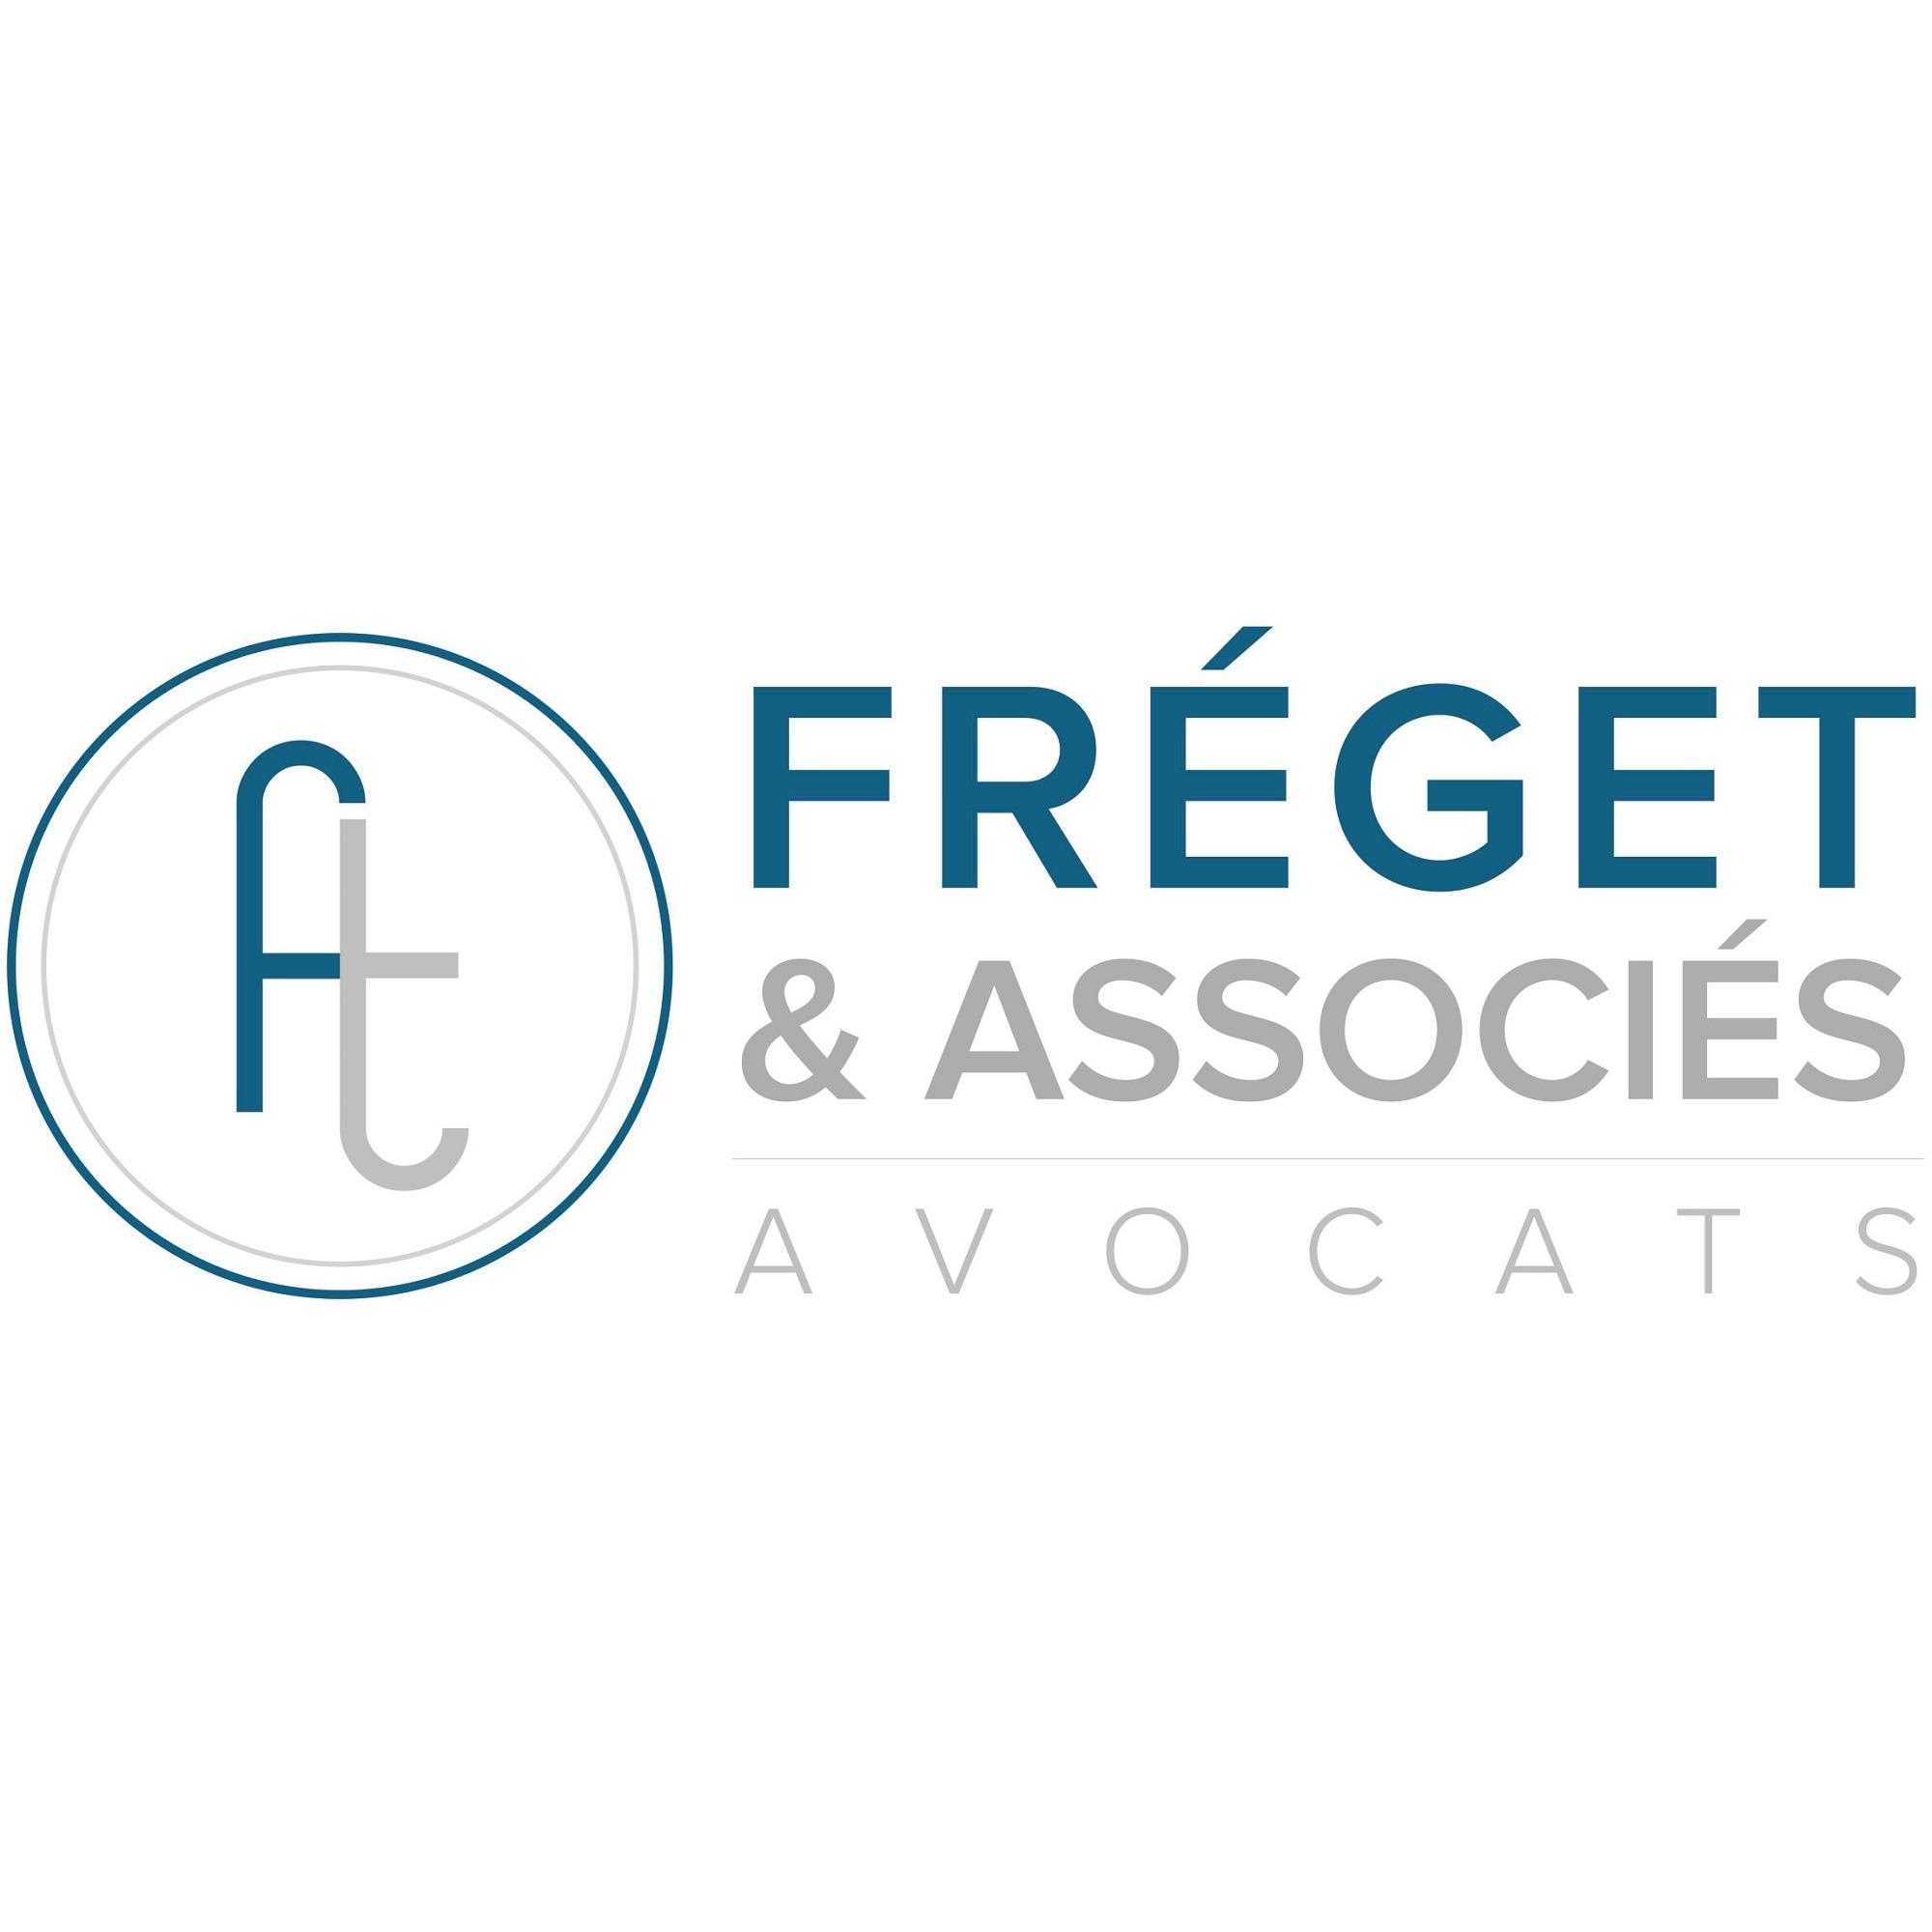 the Fréget & Associés logo.